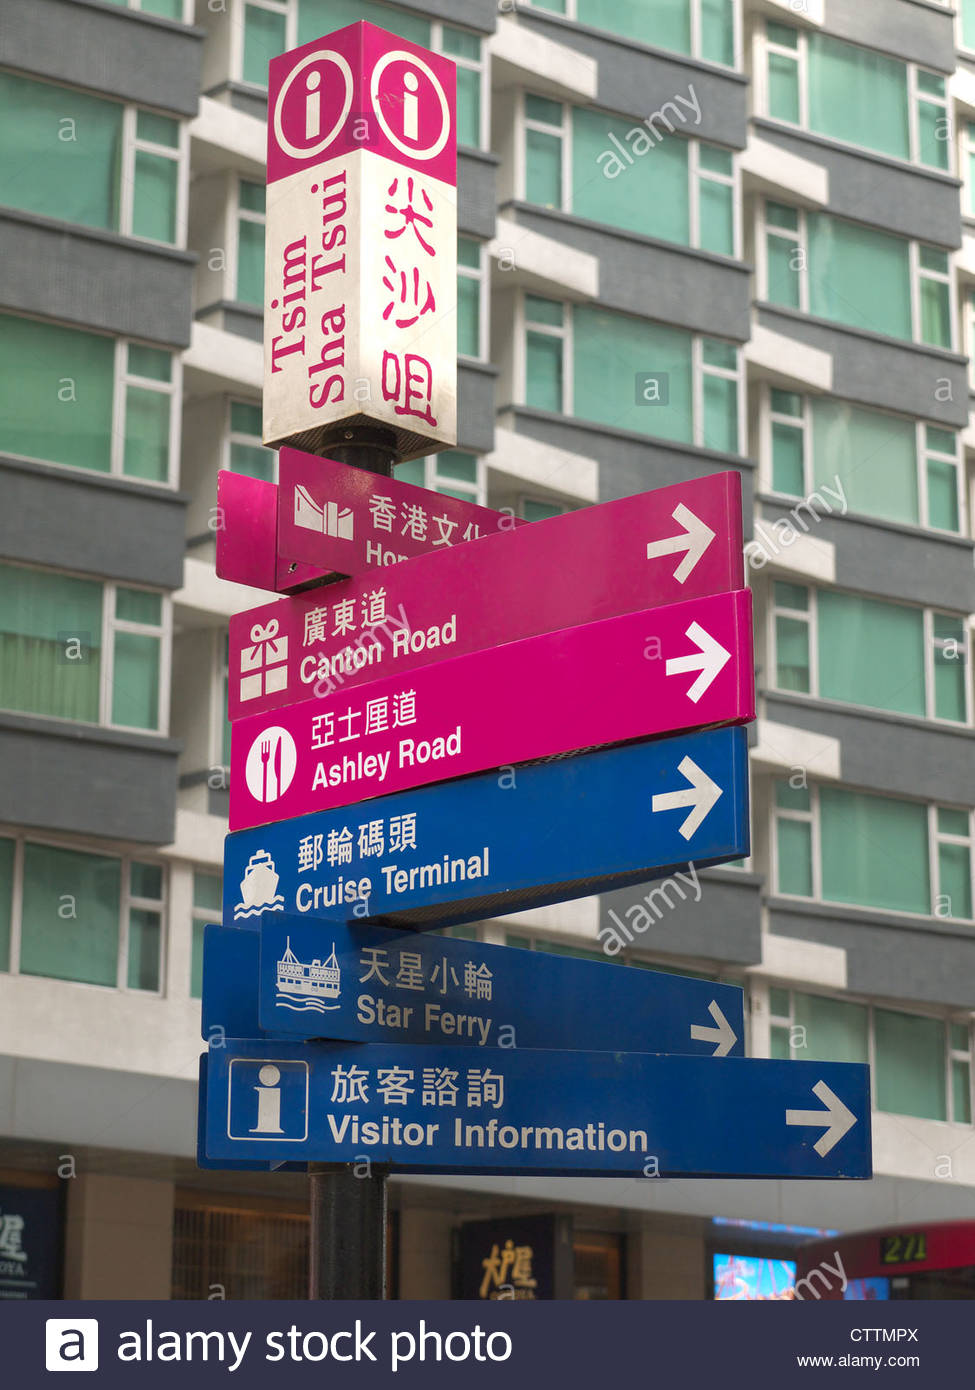 Direction signs in Tsim Sha Tsui Hong Kong - Stock Image